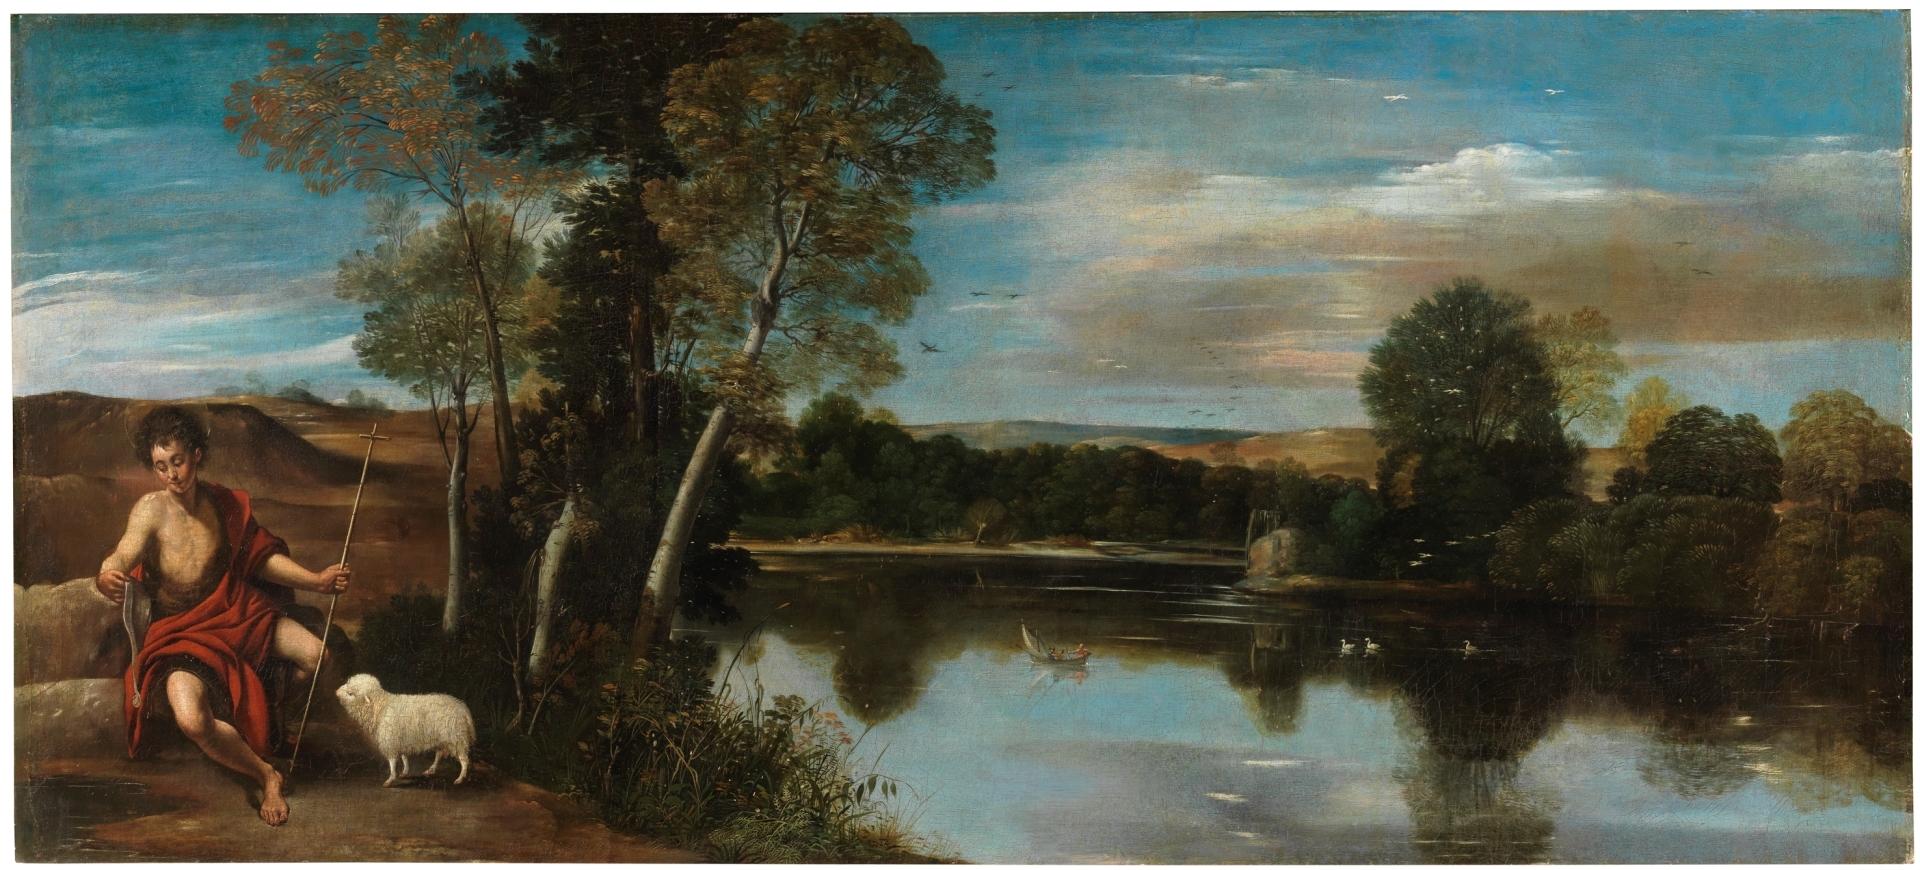 San Juan Bautista en un paisaje - Colección - Museo Nacional del Prado